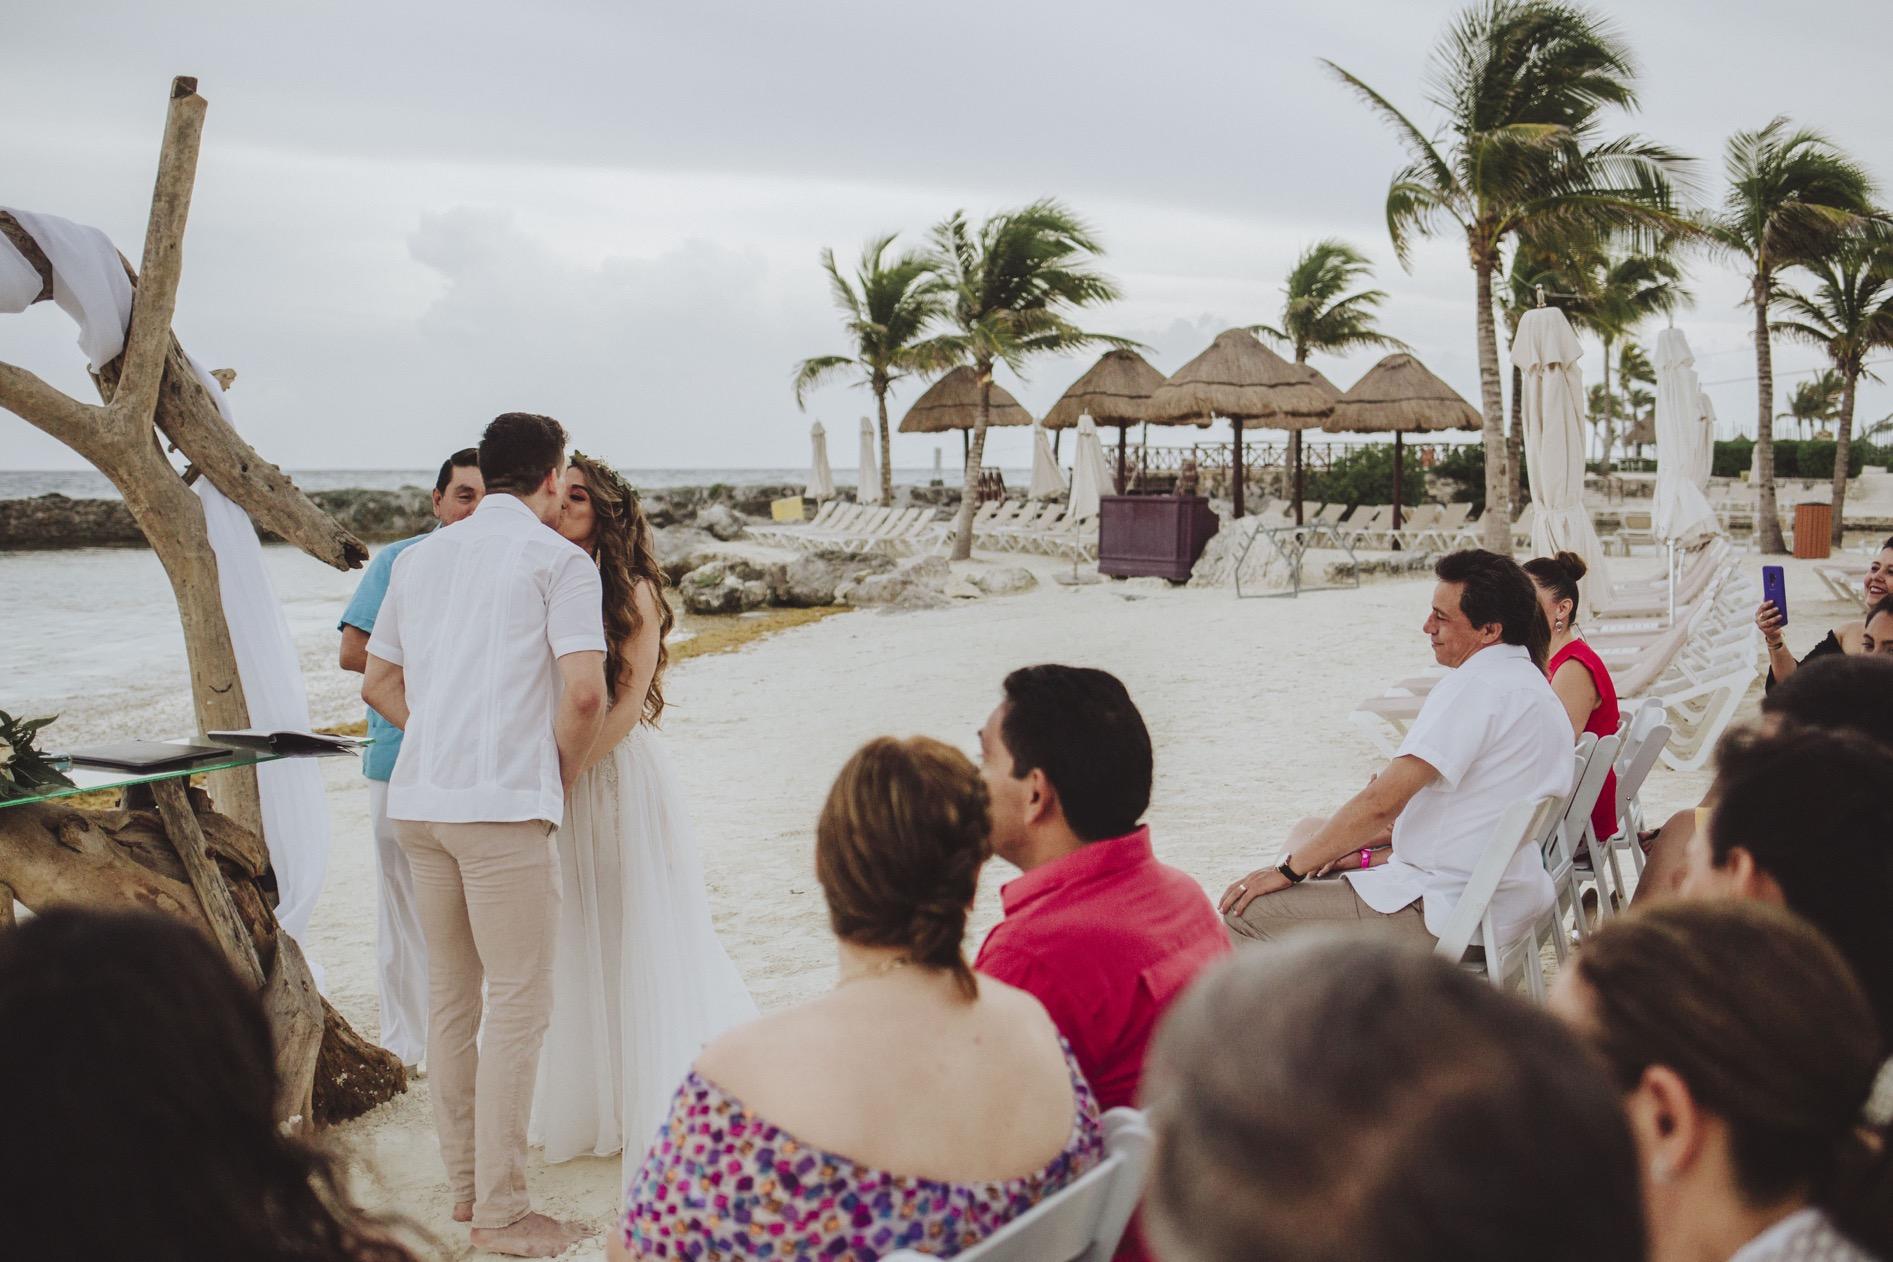 fotografo_bodas_profesional_zacatecas_riviera_maya_cancun-55